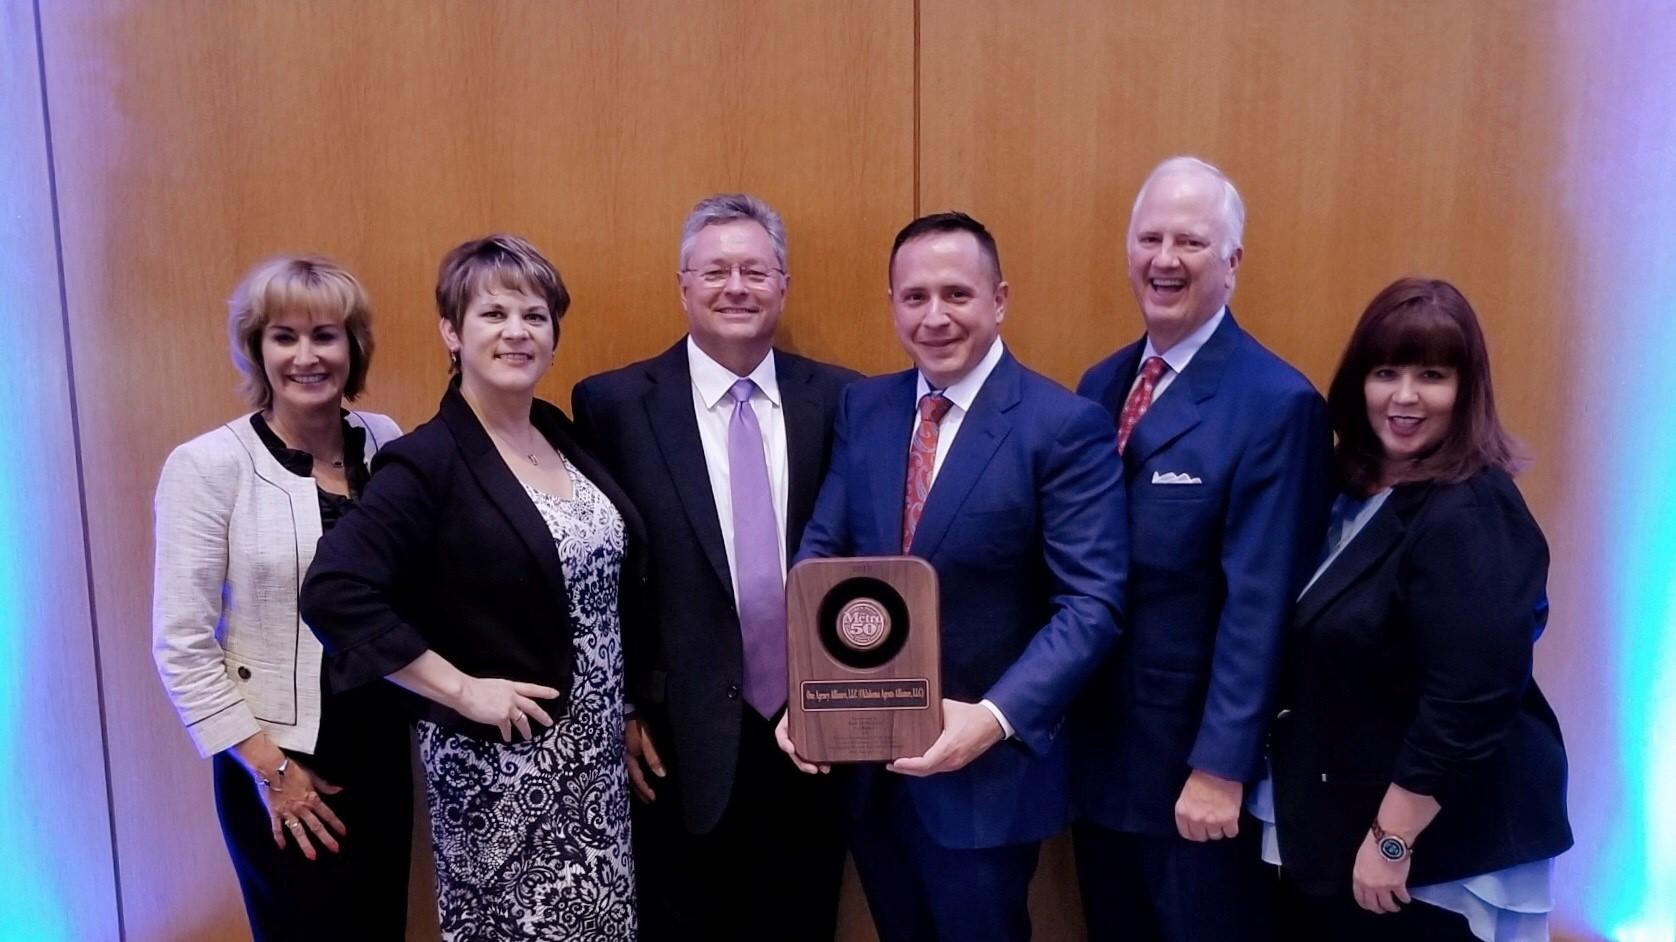 OAA leadership team holding an award